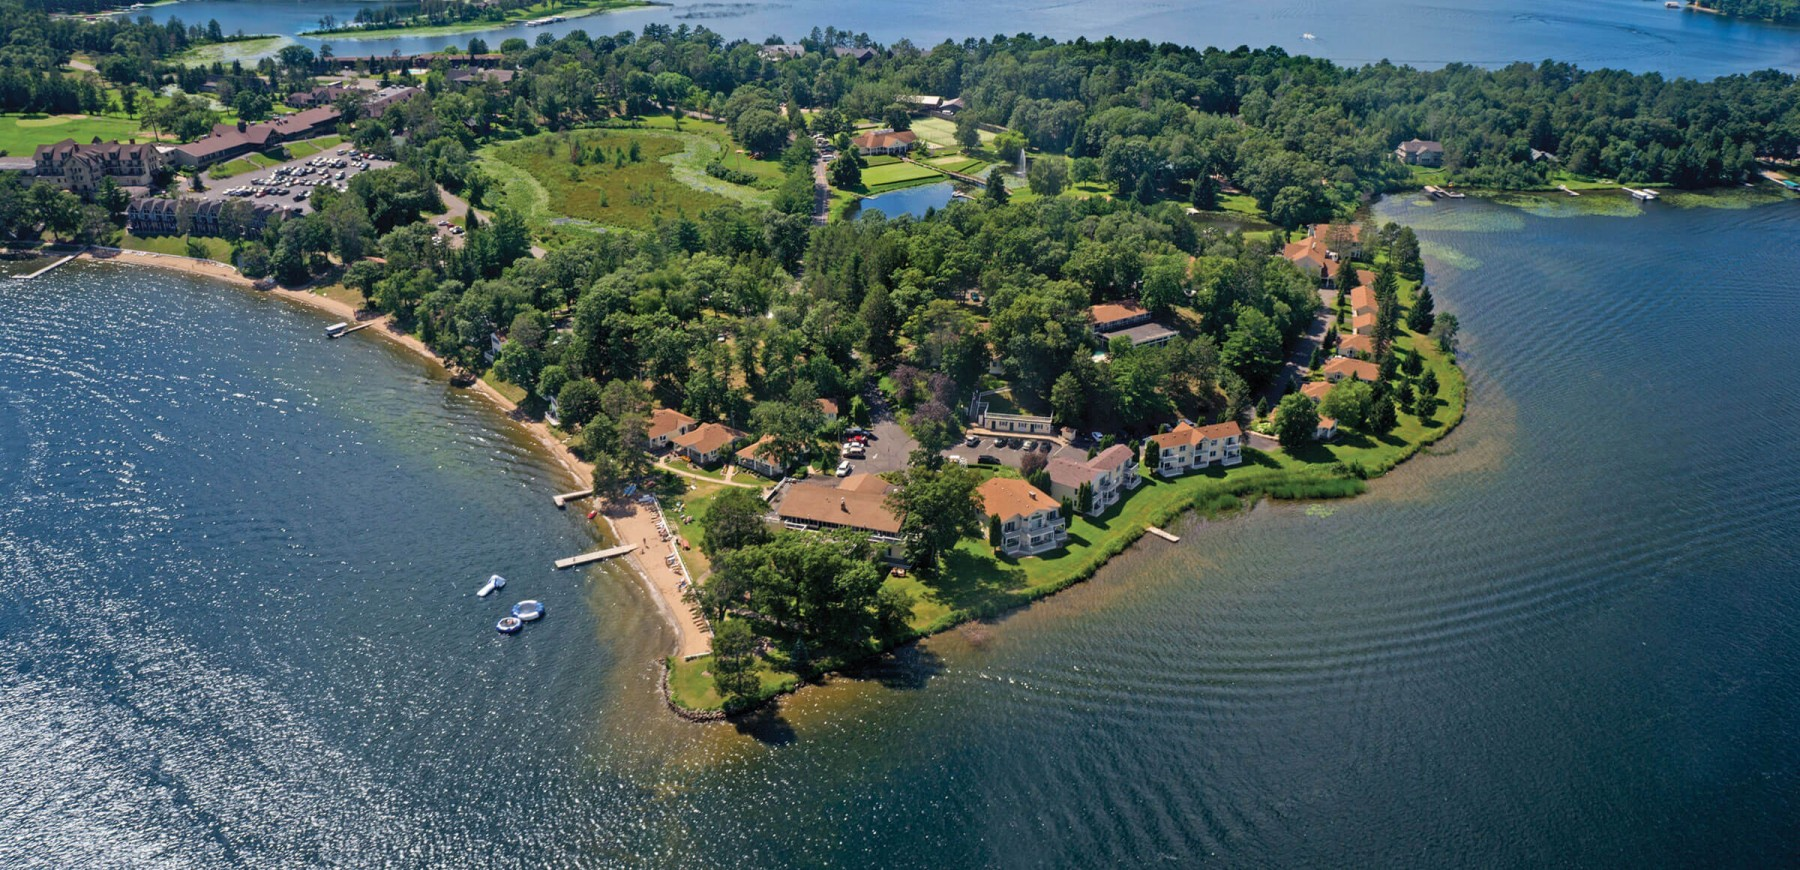 Madden's aerial view - Gull Lake Resort